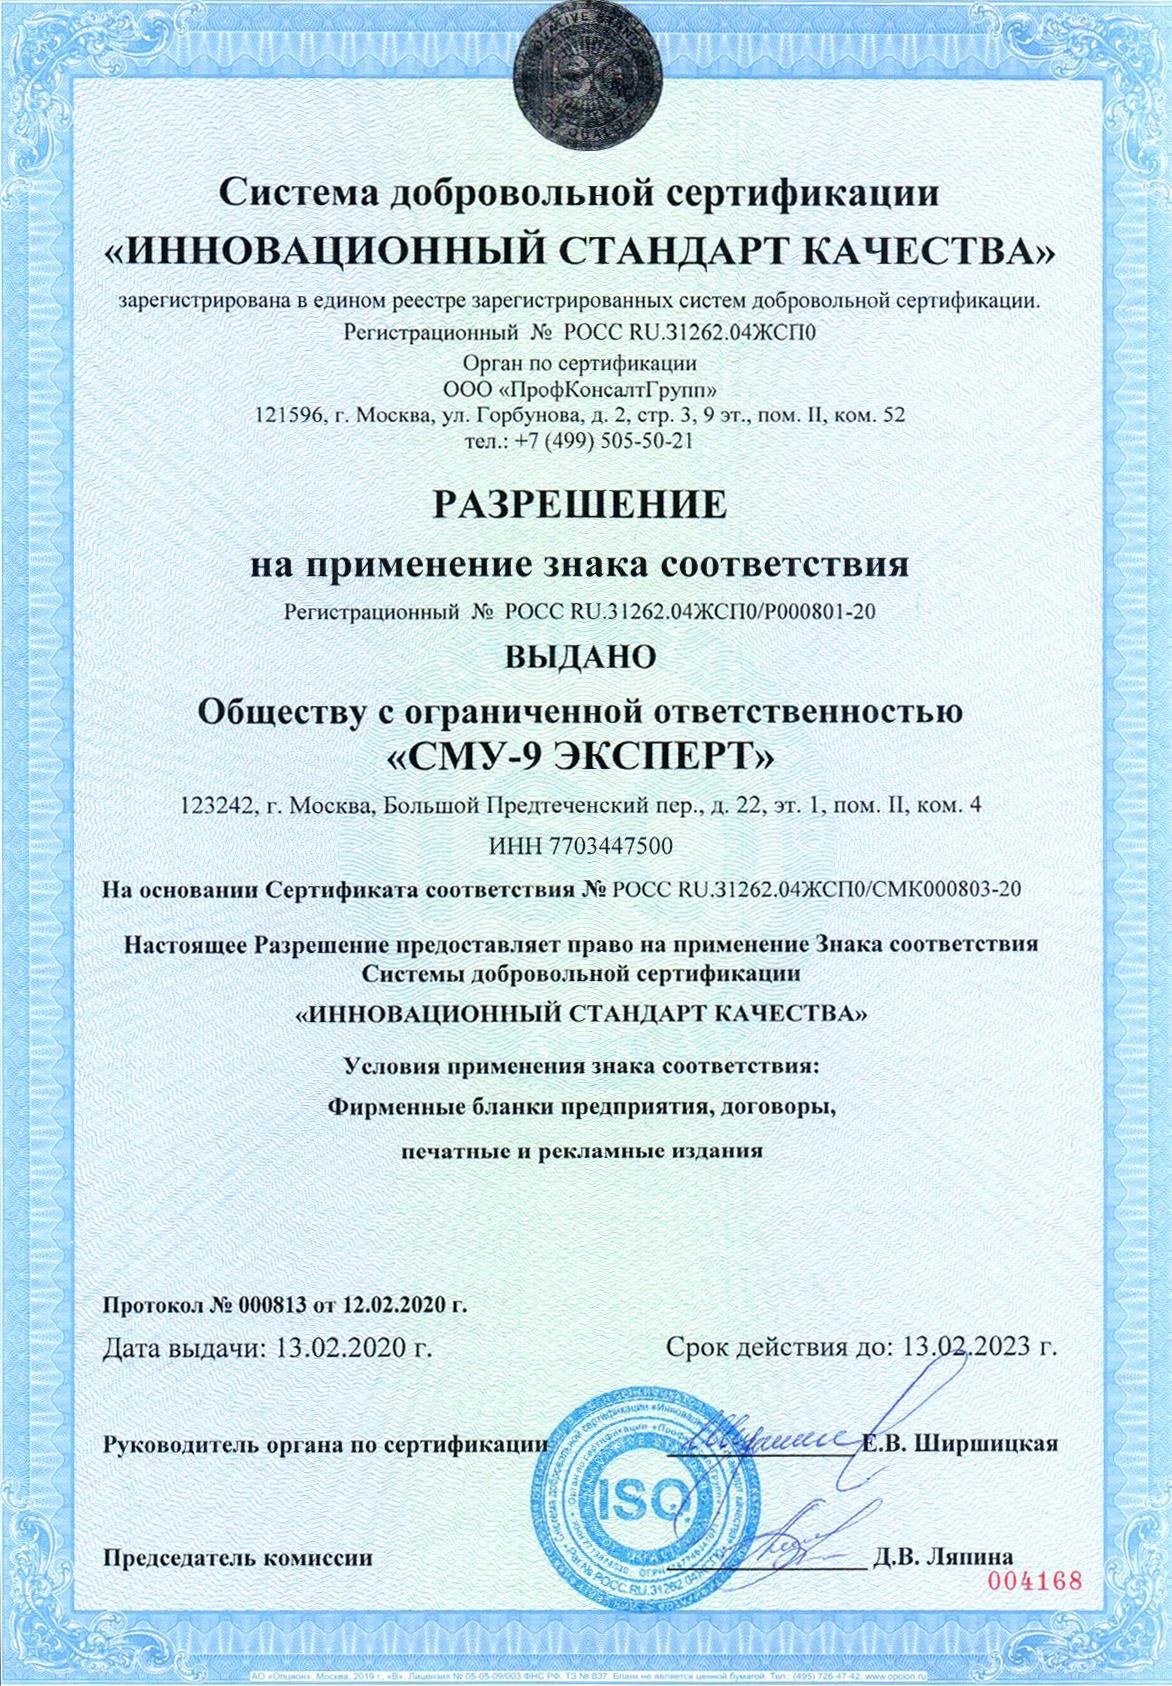 Скан ИСО 9001 ООО СМУ-9 ЭКСПЕРТ_Страница_4